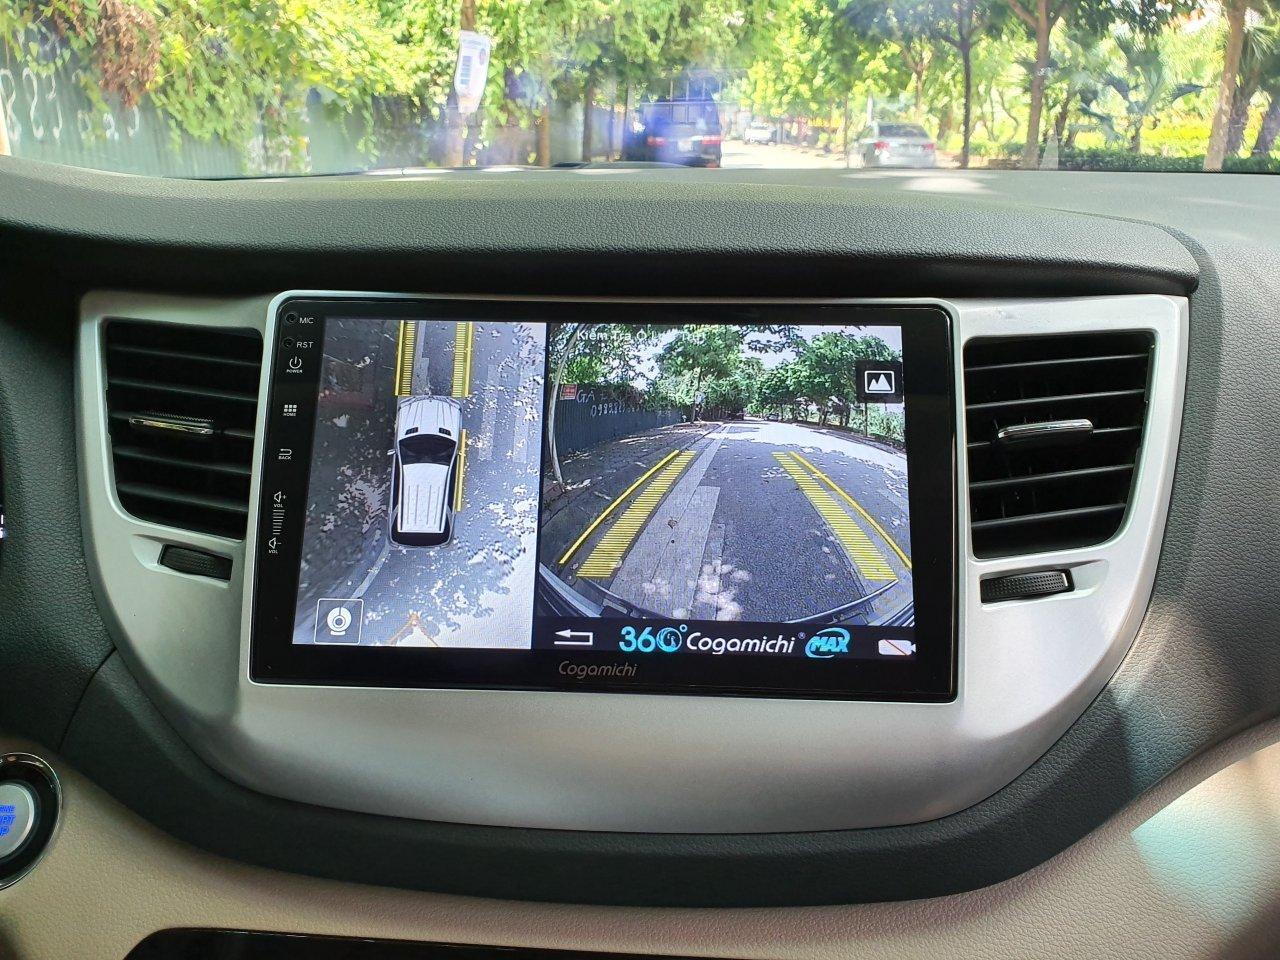 Hệ thống camera hỗ trợ quan sát - công nghệ ô tô